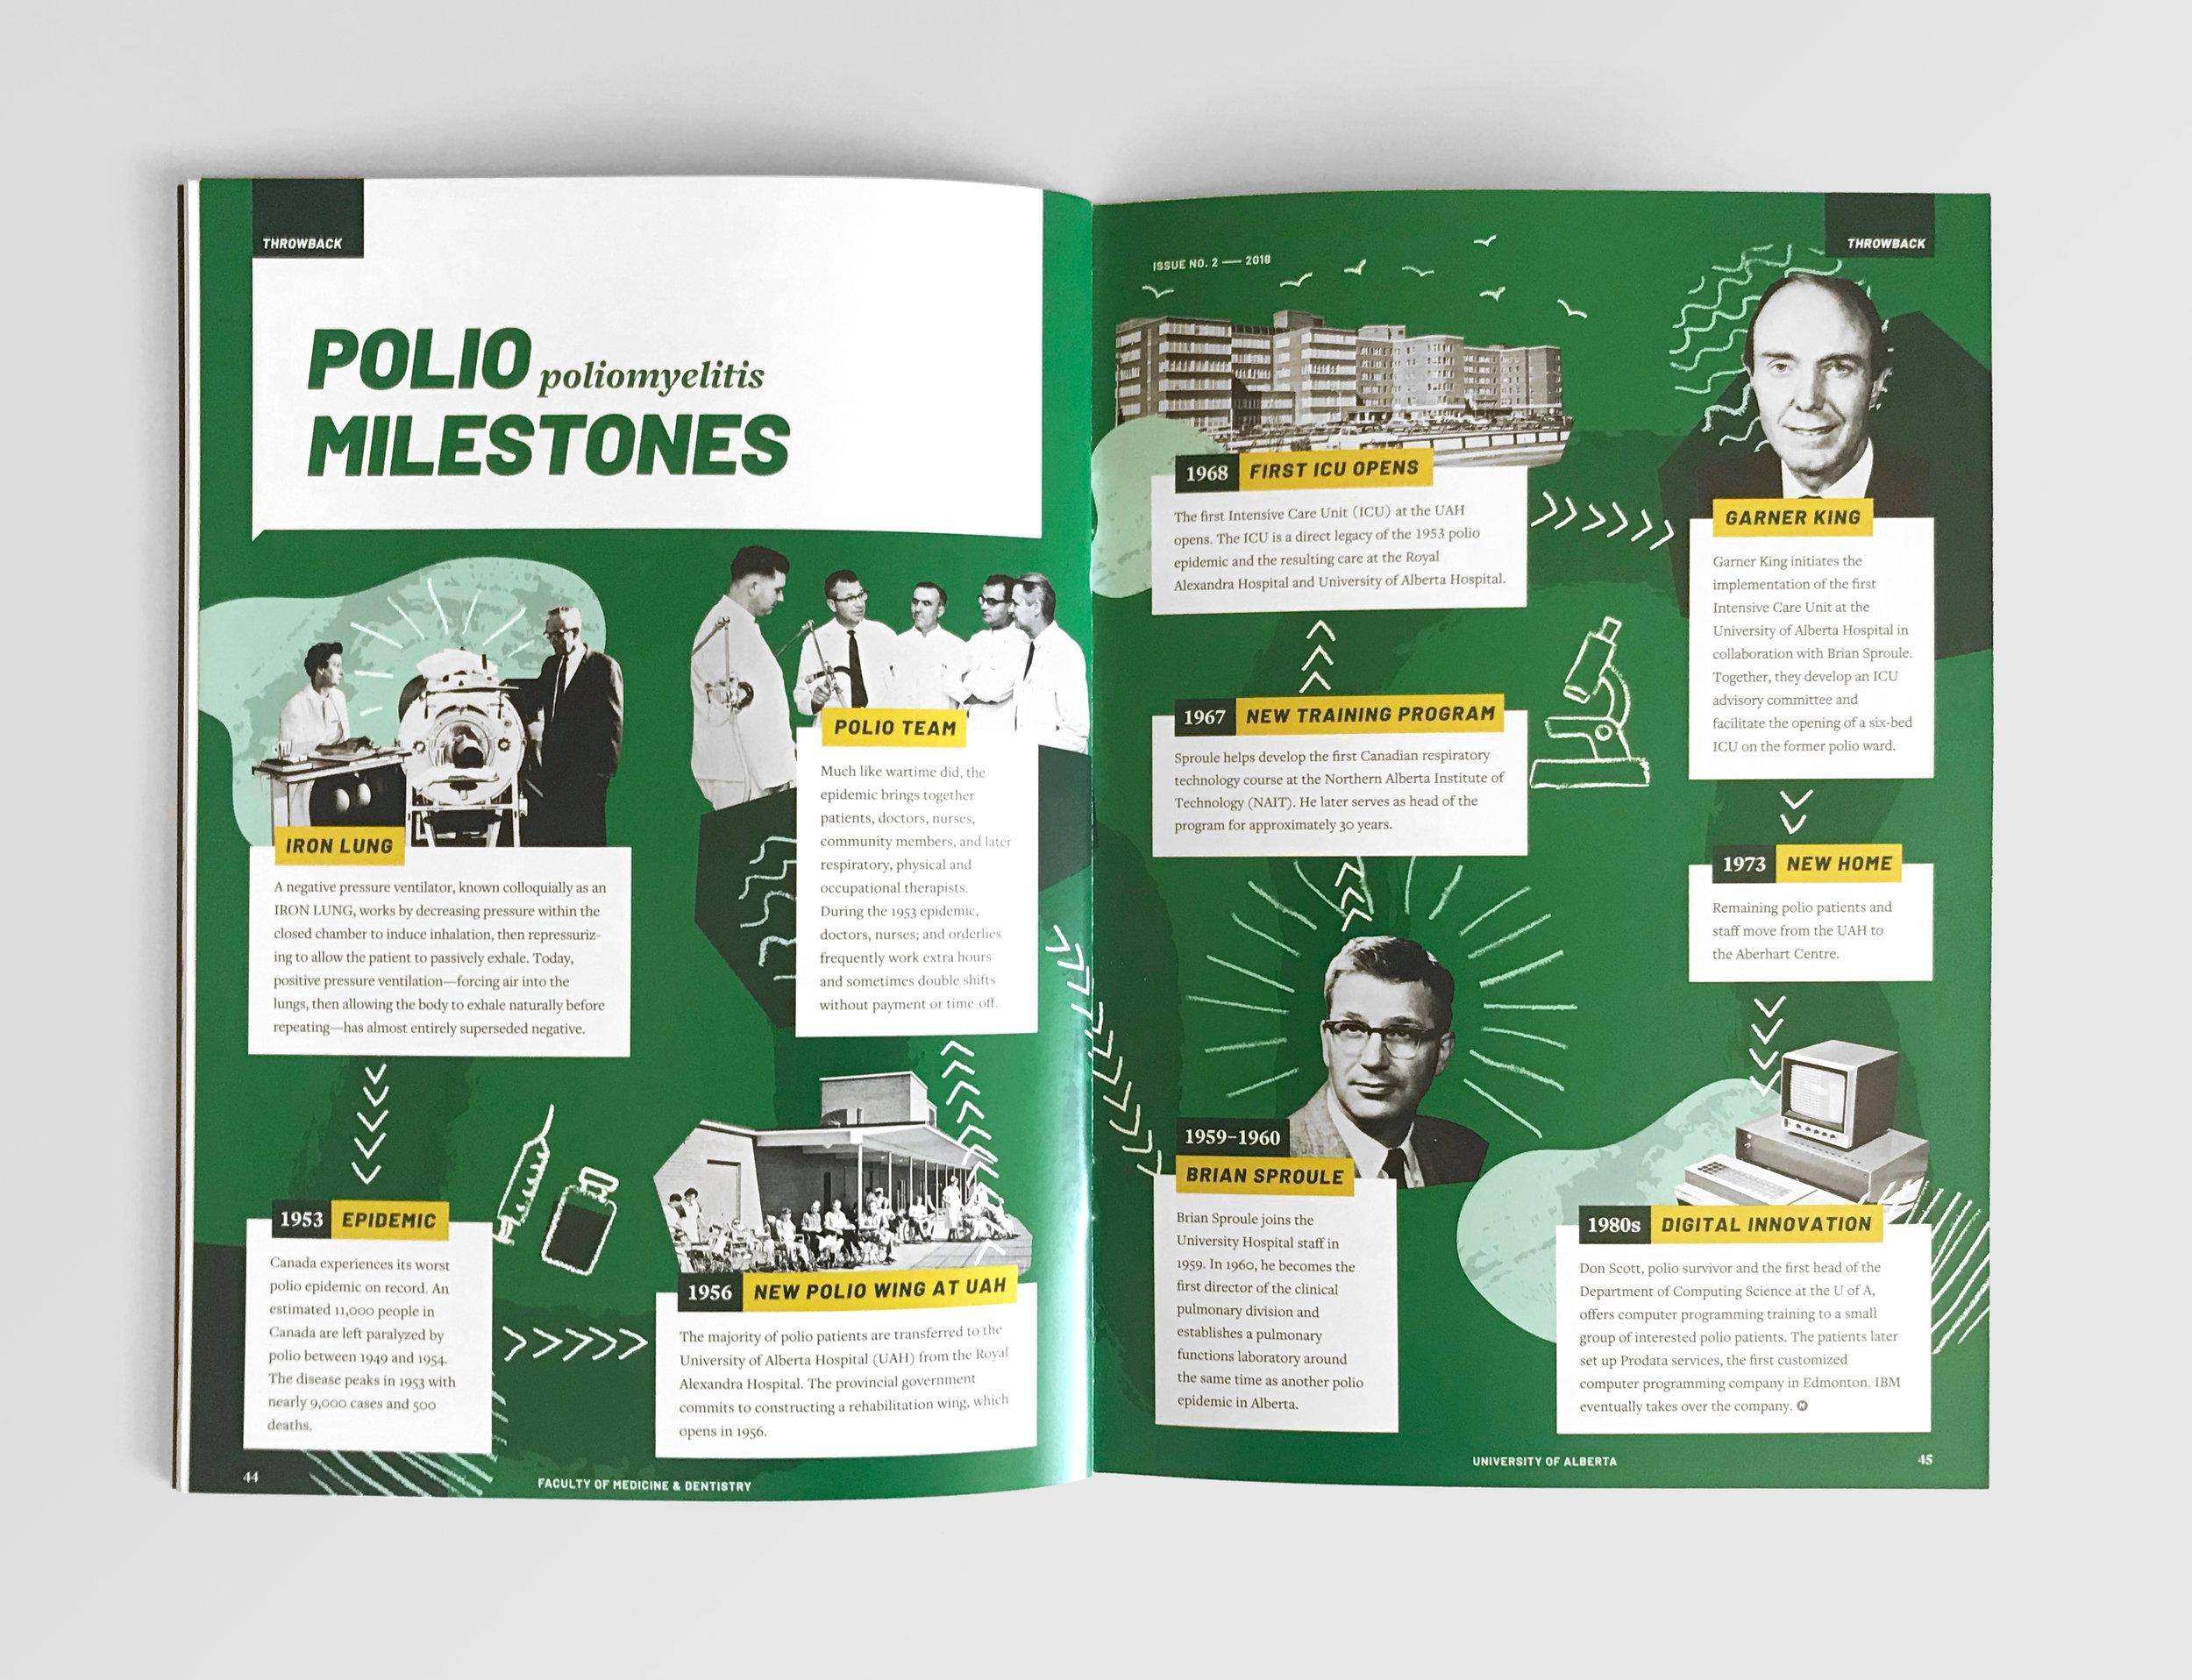 Natasia Designs Edmonton Alberta Graphic Designer Magazine Print Book Design Editorial Art Direction Creative University of Alberta Custom Illustration Infographic Timeline Polio Milestones